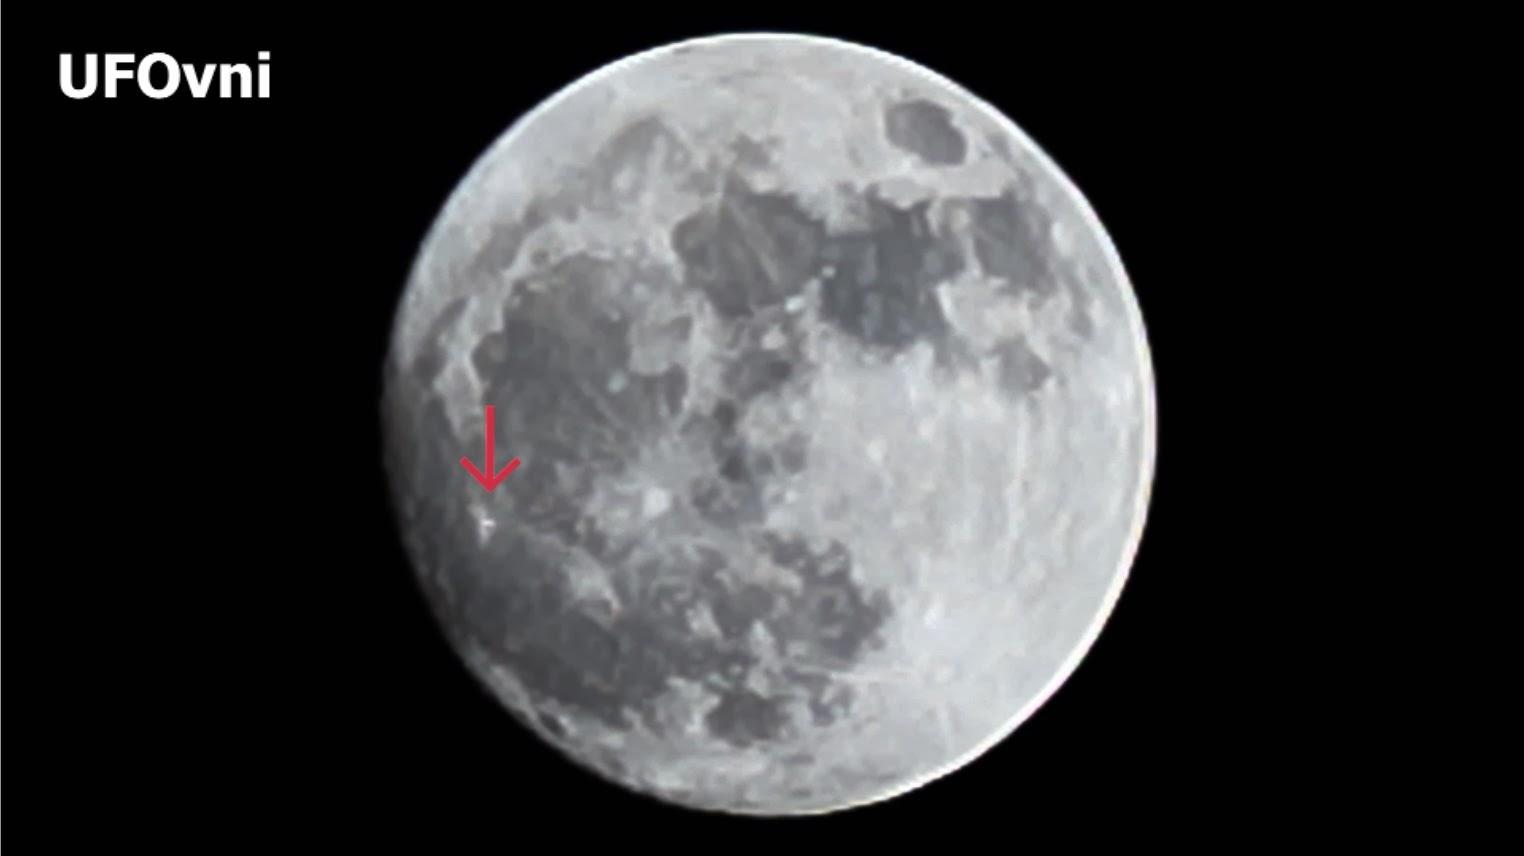 Ovni ou transitoire lunaire phénomène capturé sur le télescope, le